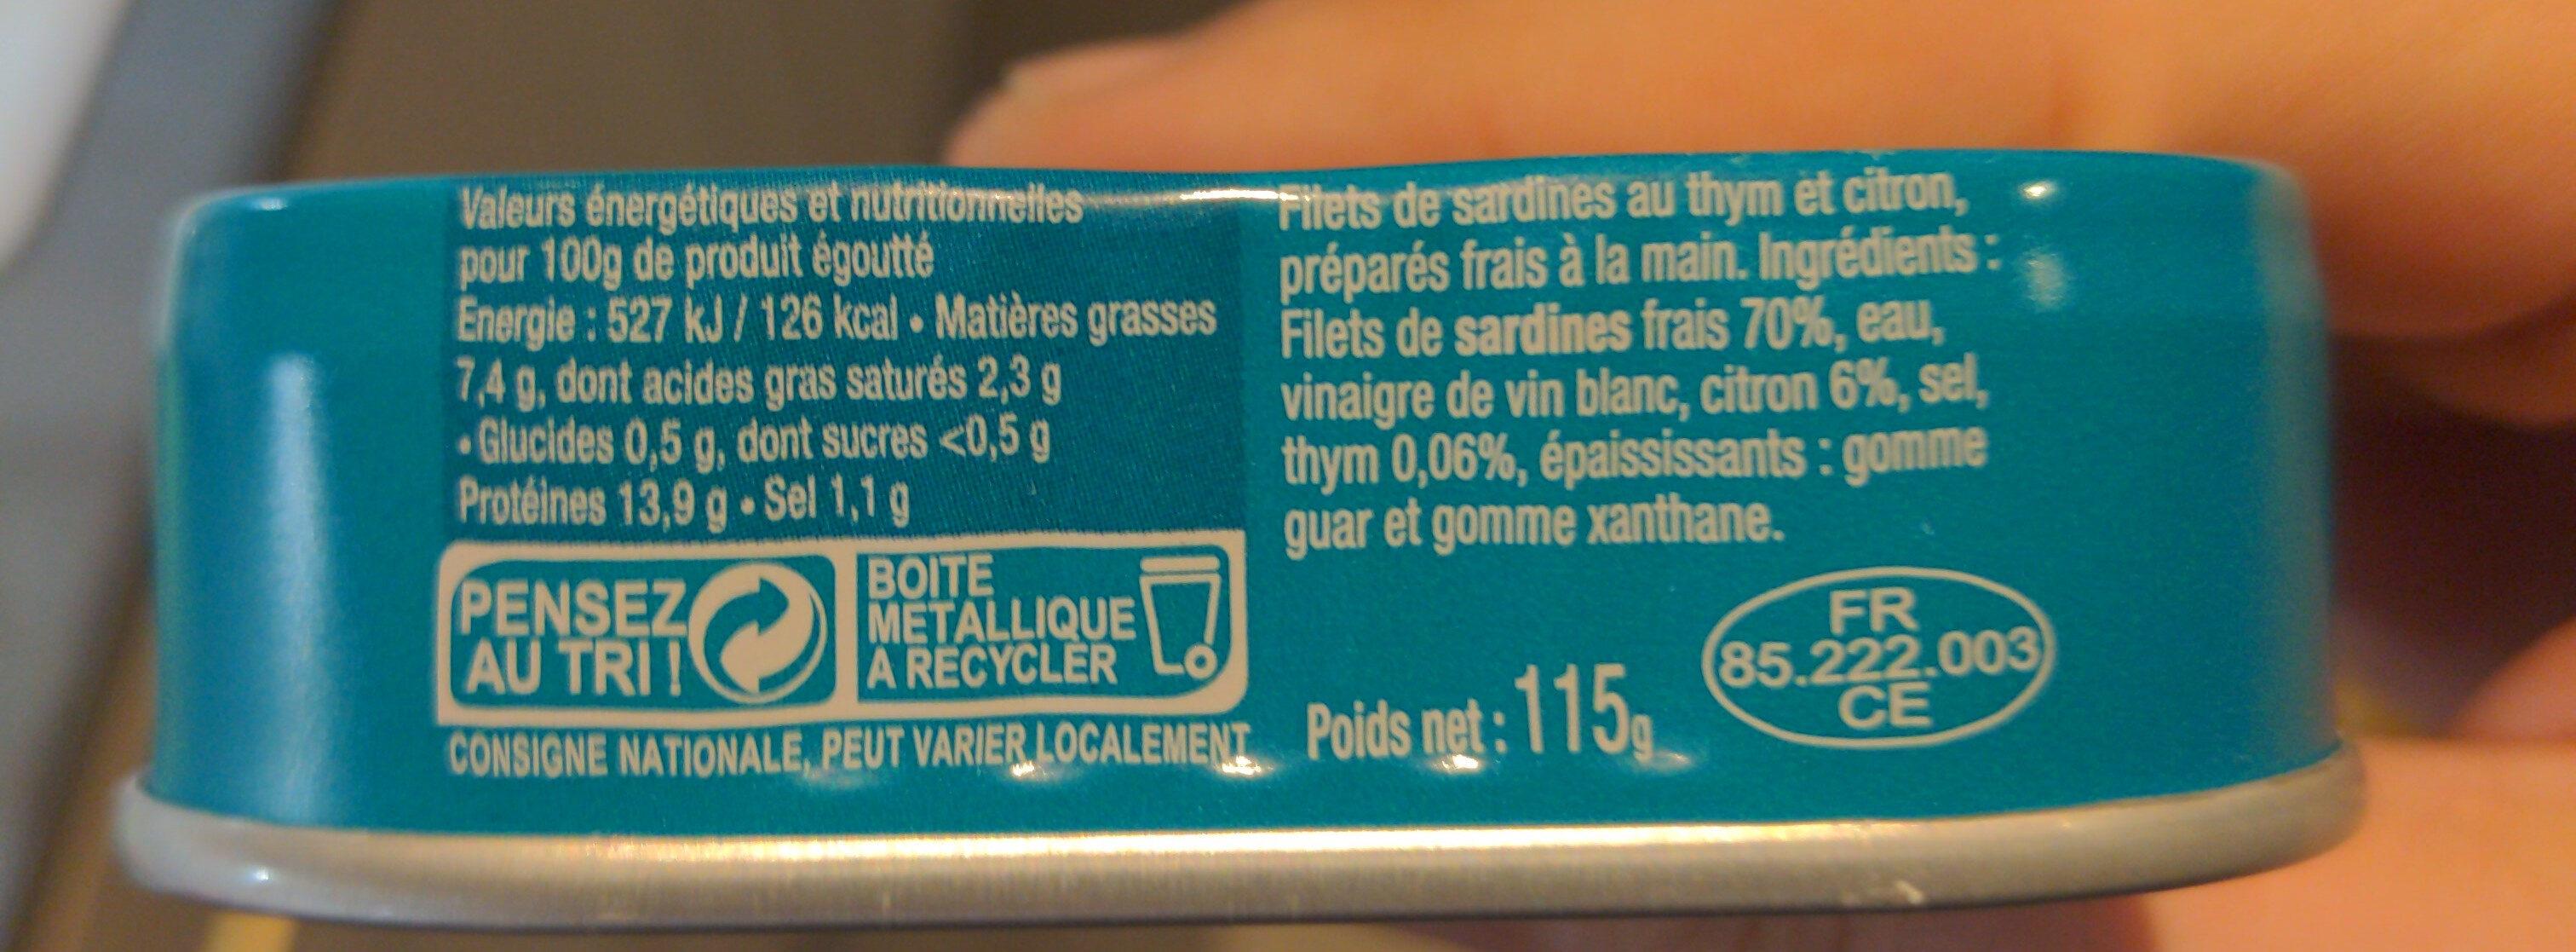 Filets de sardines sans huile thym et citron frais - Informations nutritionnelles - fr